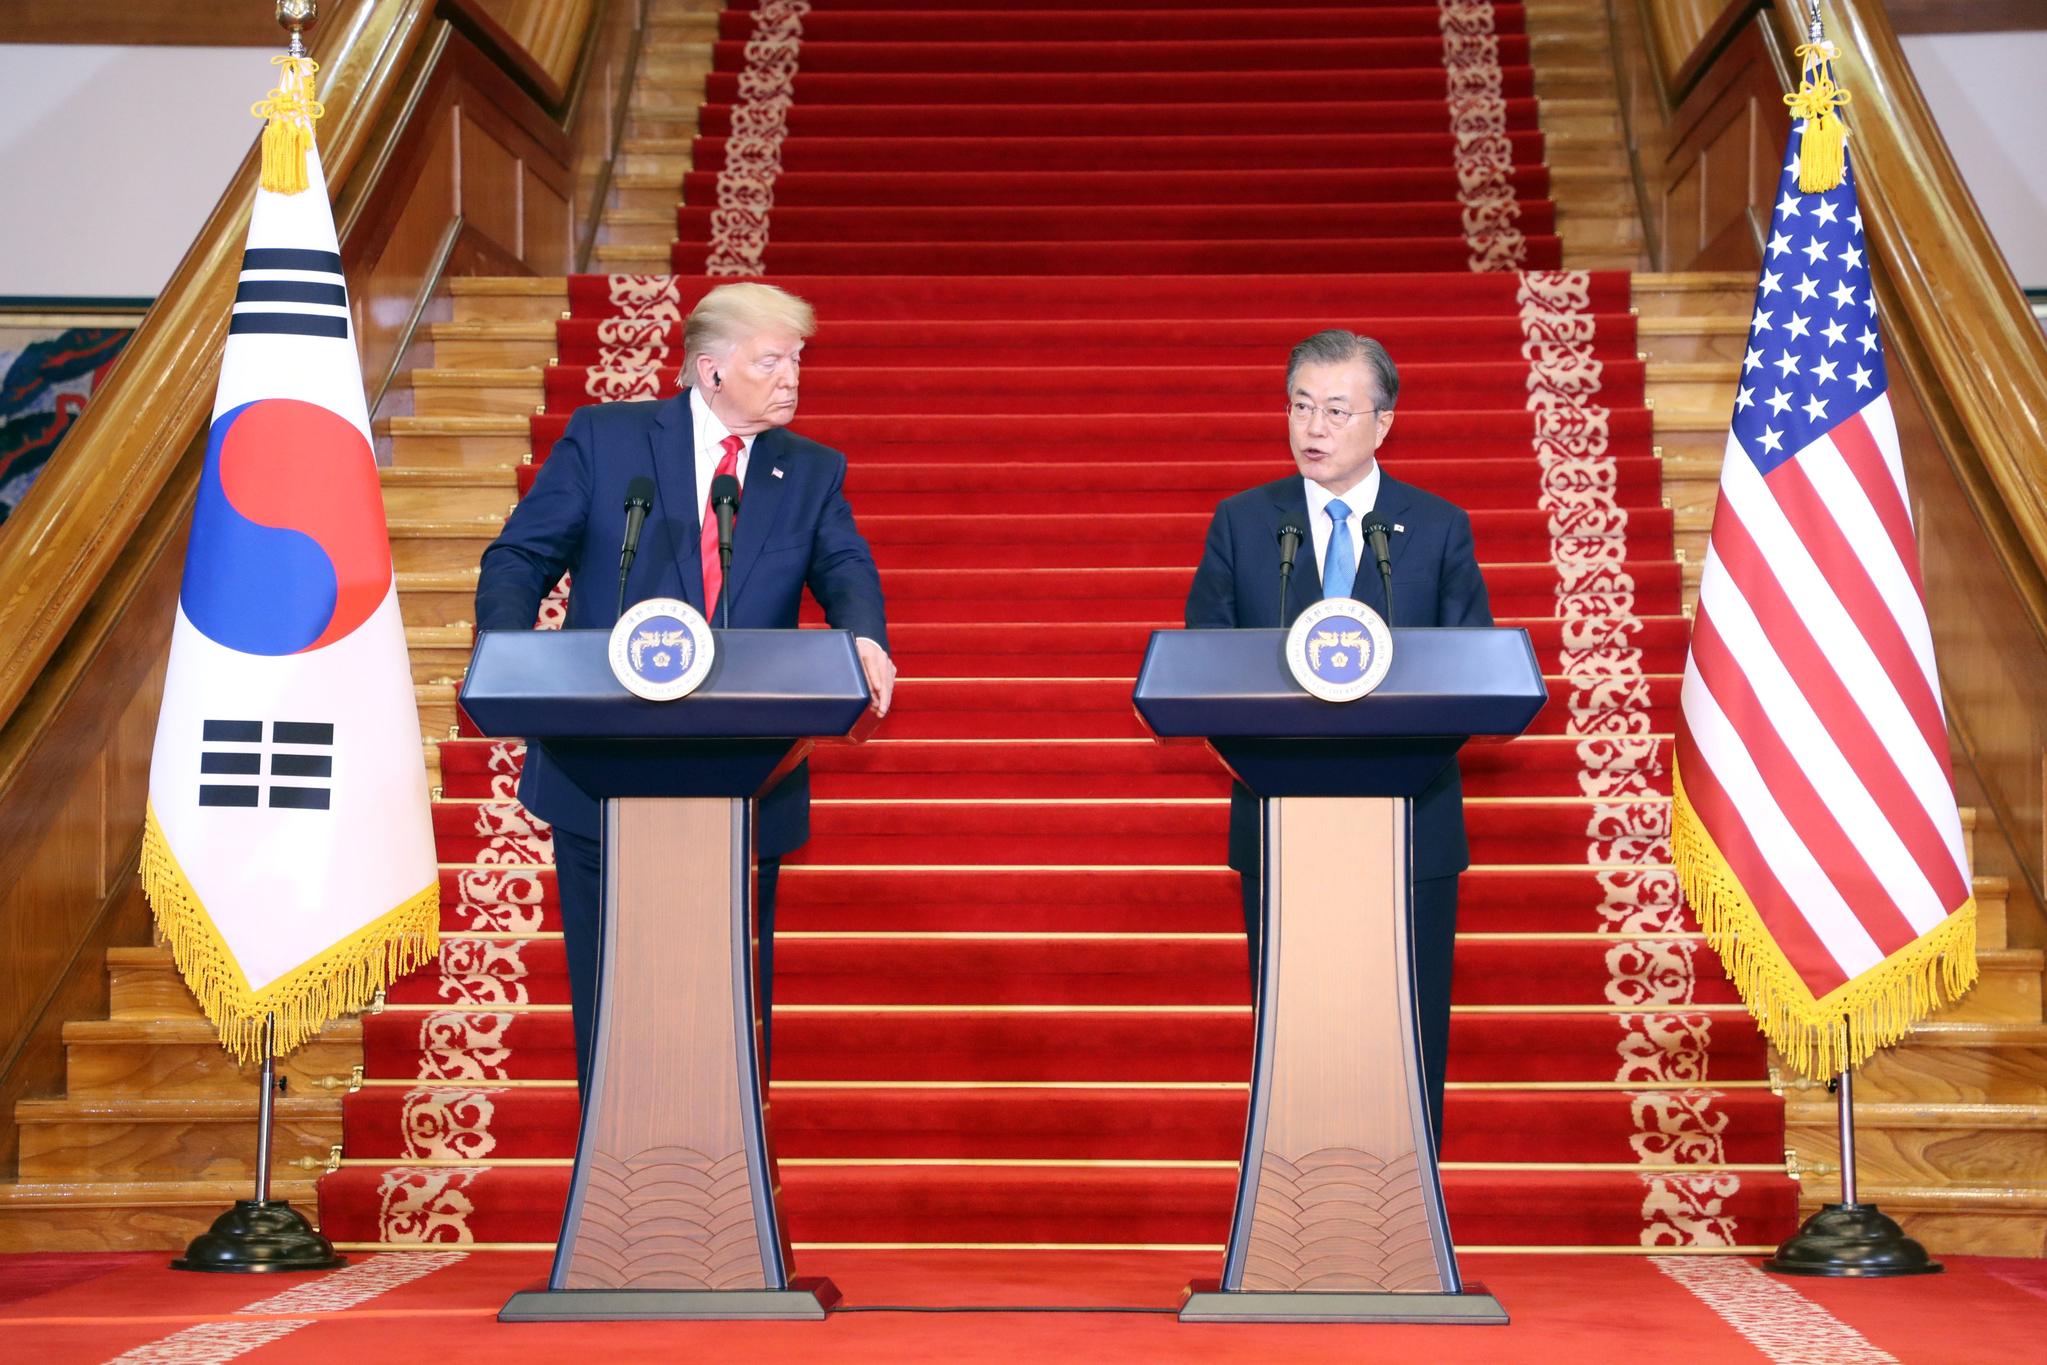 문재인 대통령과 도널드 트럼프 미국 대통령이 30일 오후 청와대에서 공동기자회견을 하고 있다. [연합뉴스]